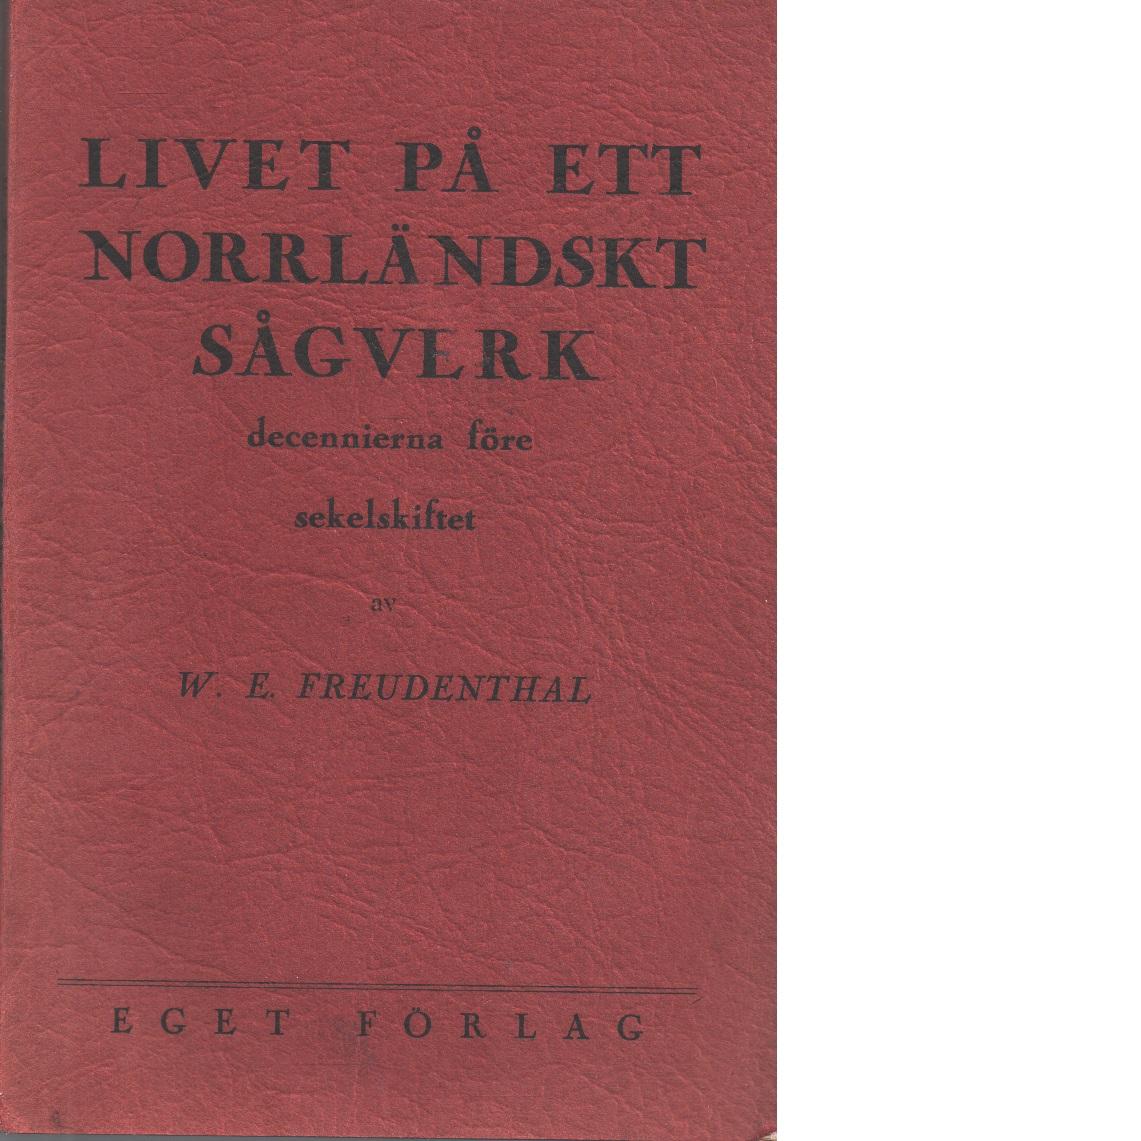 Livet på ett norrländskt sågverk decennierna före sekelskiftet - Freudenthal, W. E.